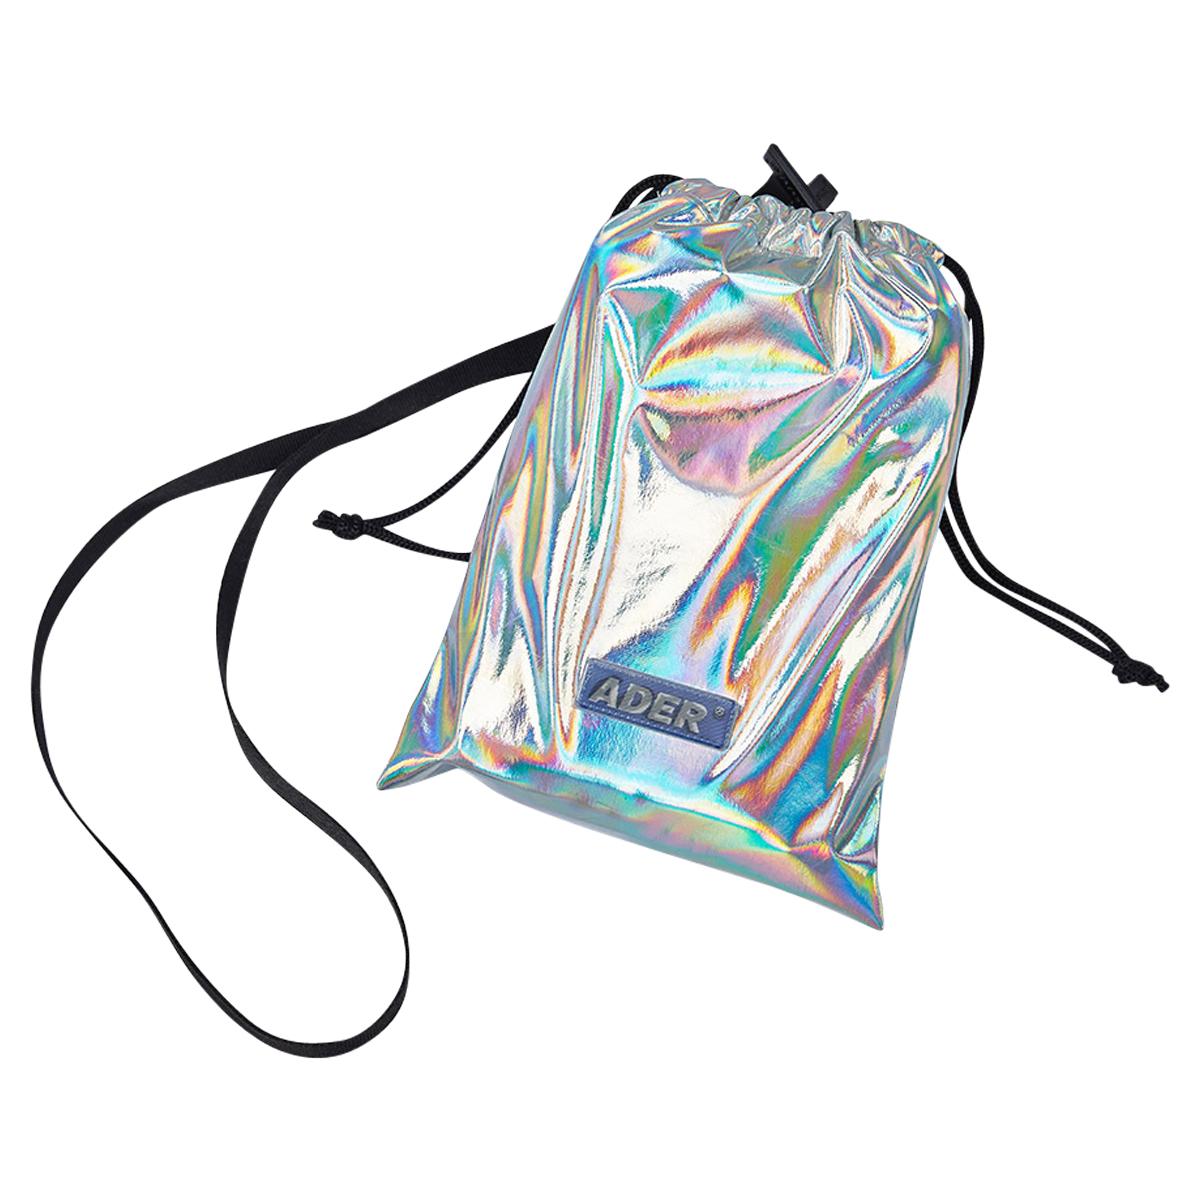 ADER Error Mini Cellphone Bag